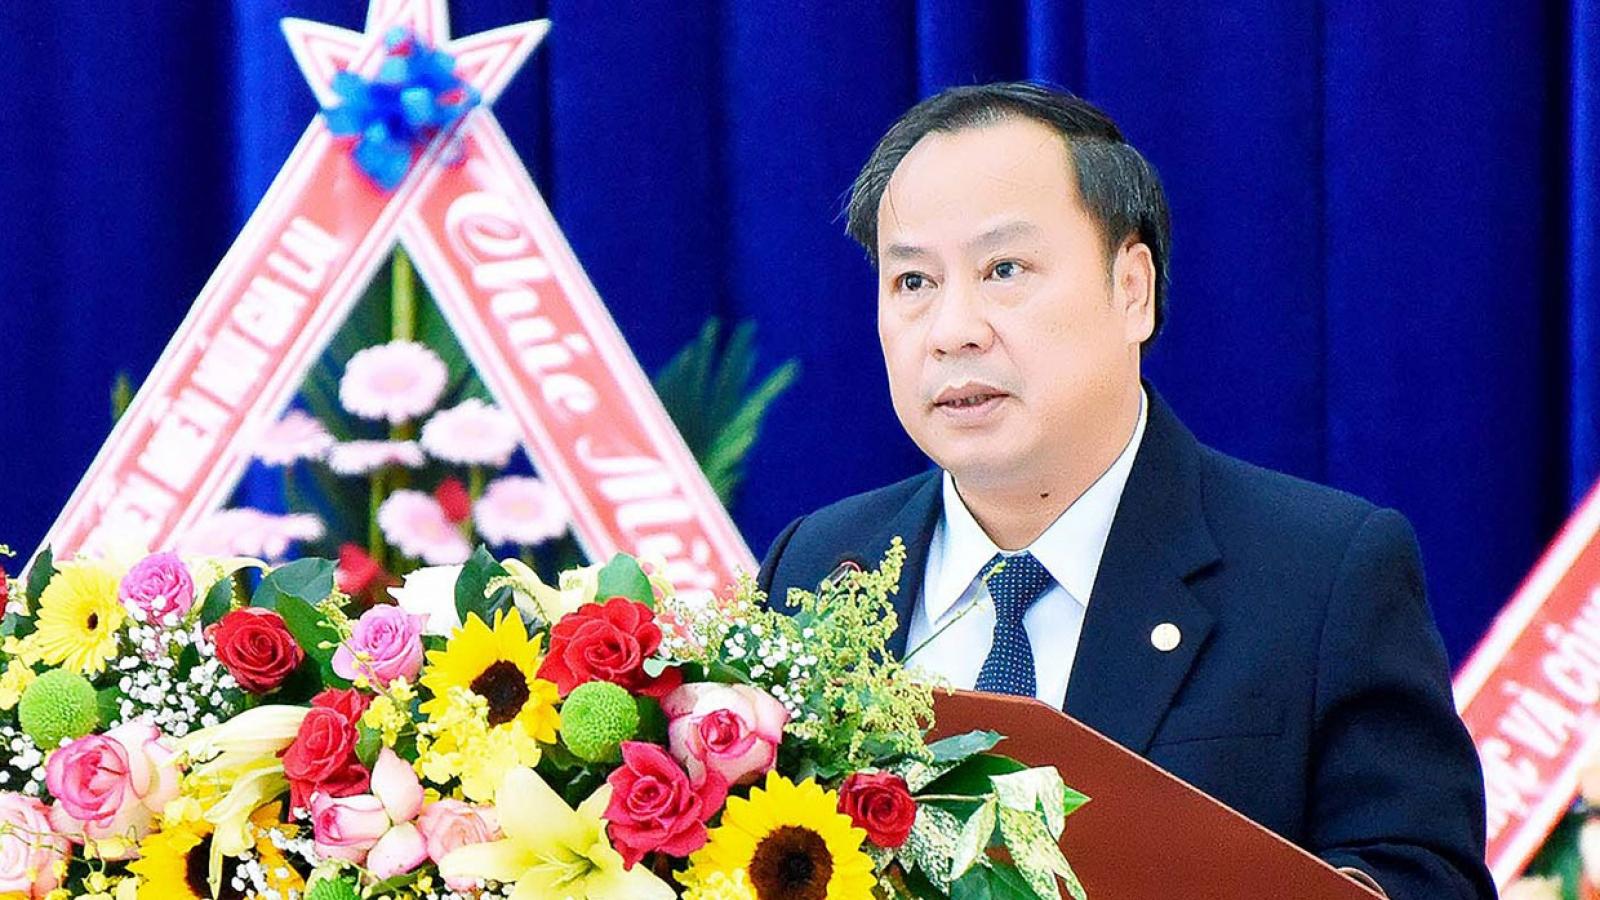 Ông Châu Ngọc Tuấn giữ chức Chủ tịch HĐND tỉnh Gia Lai